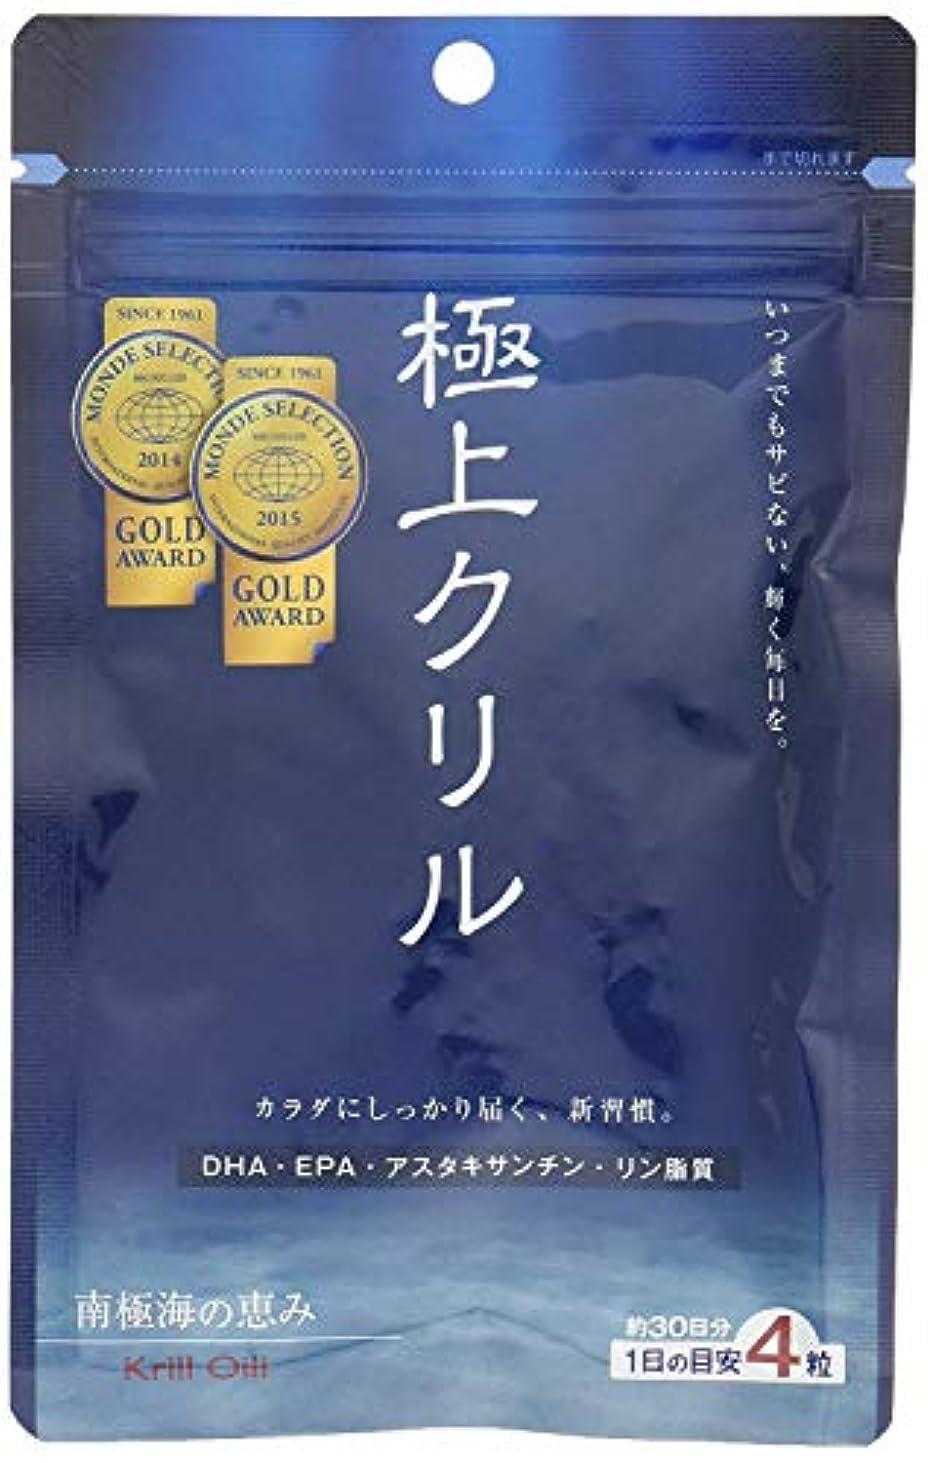 極上クリル120粒 100%クリルオイル (約1ヶ月分) 日本製×5袋セット